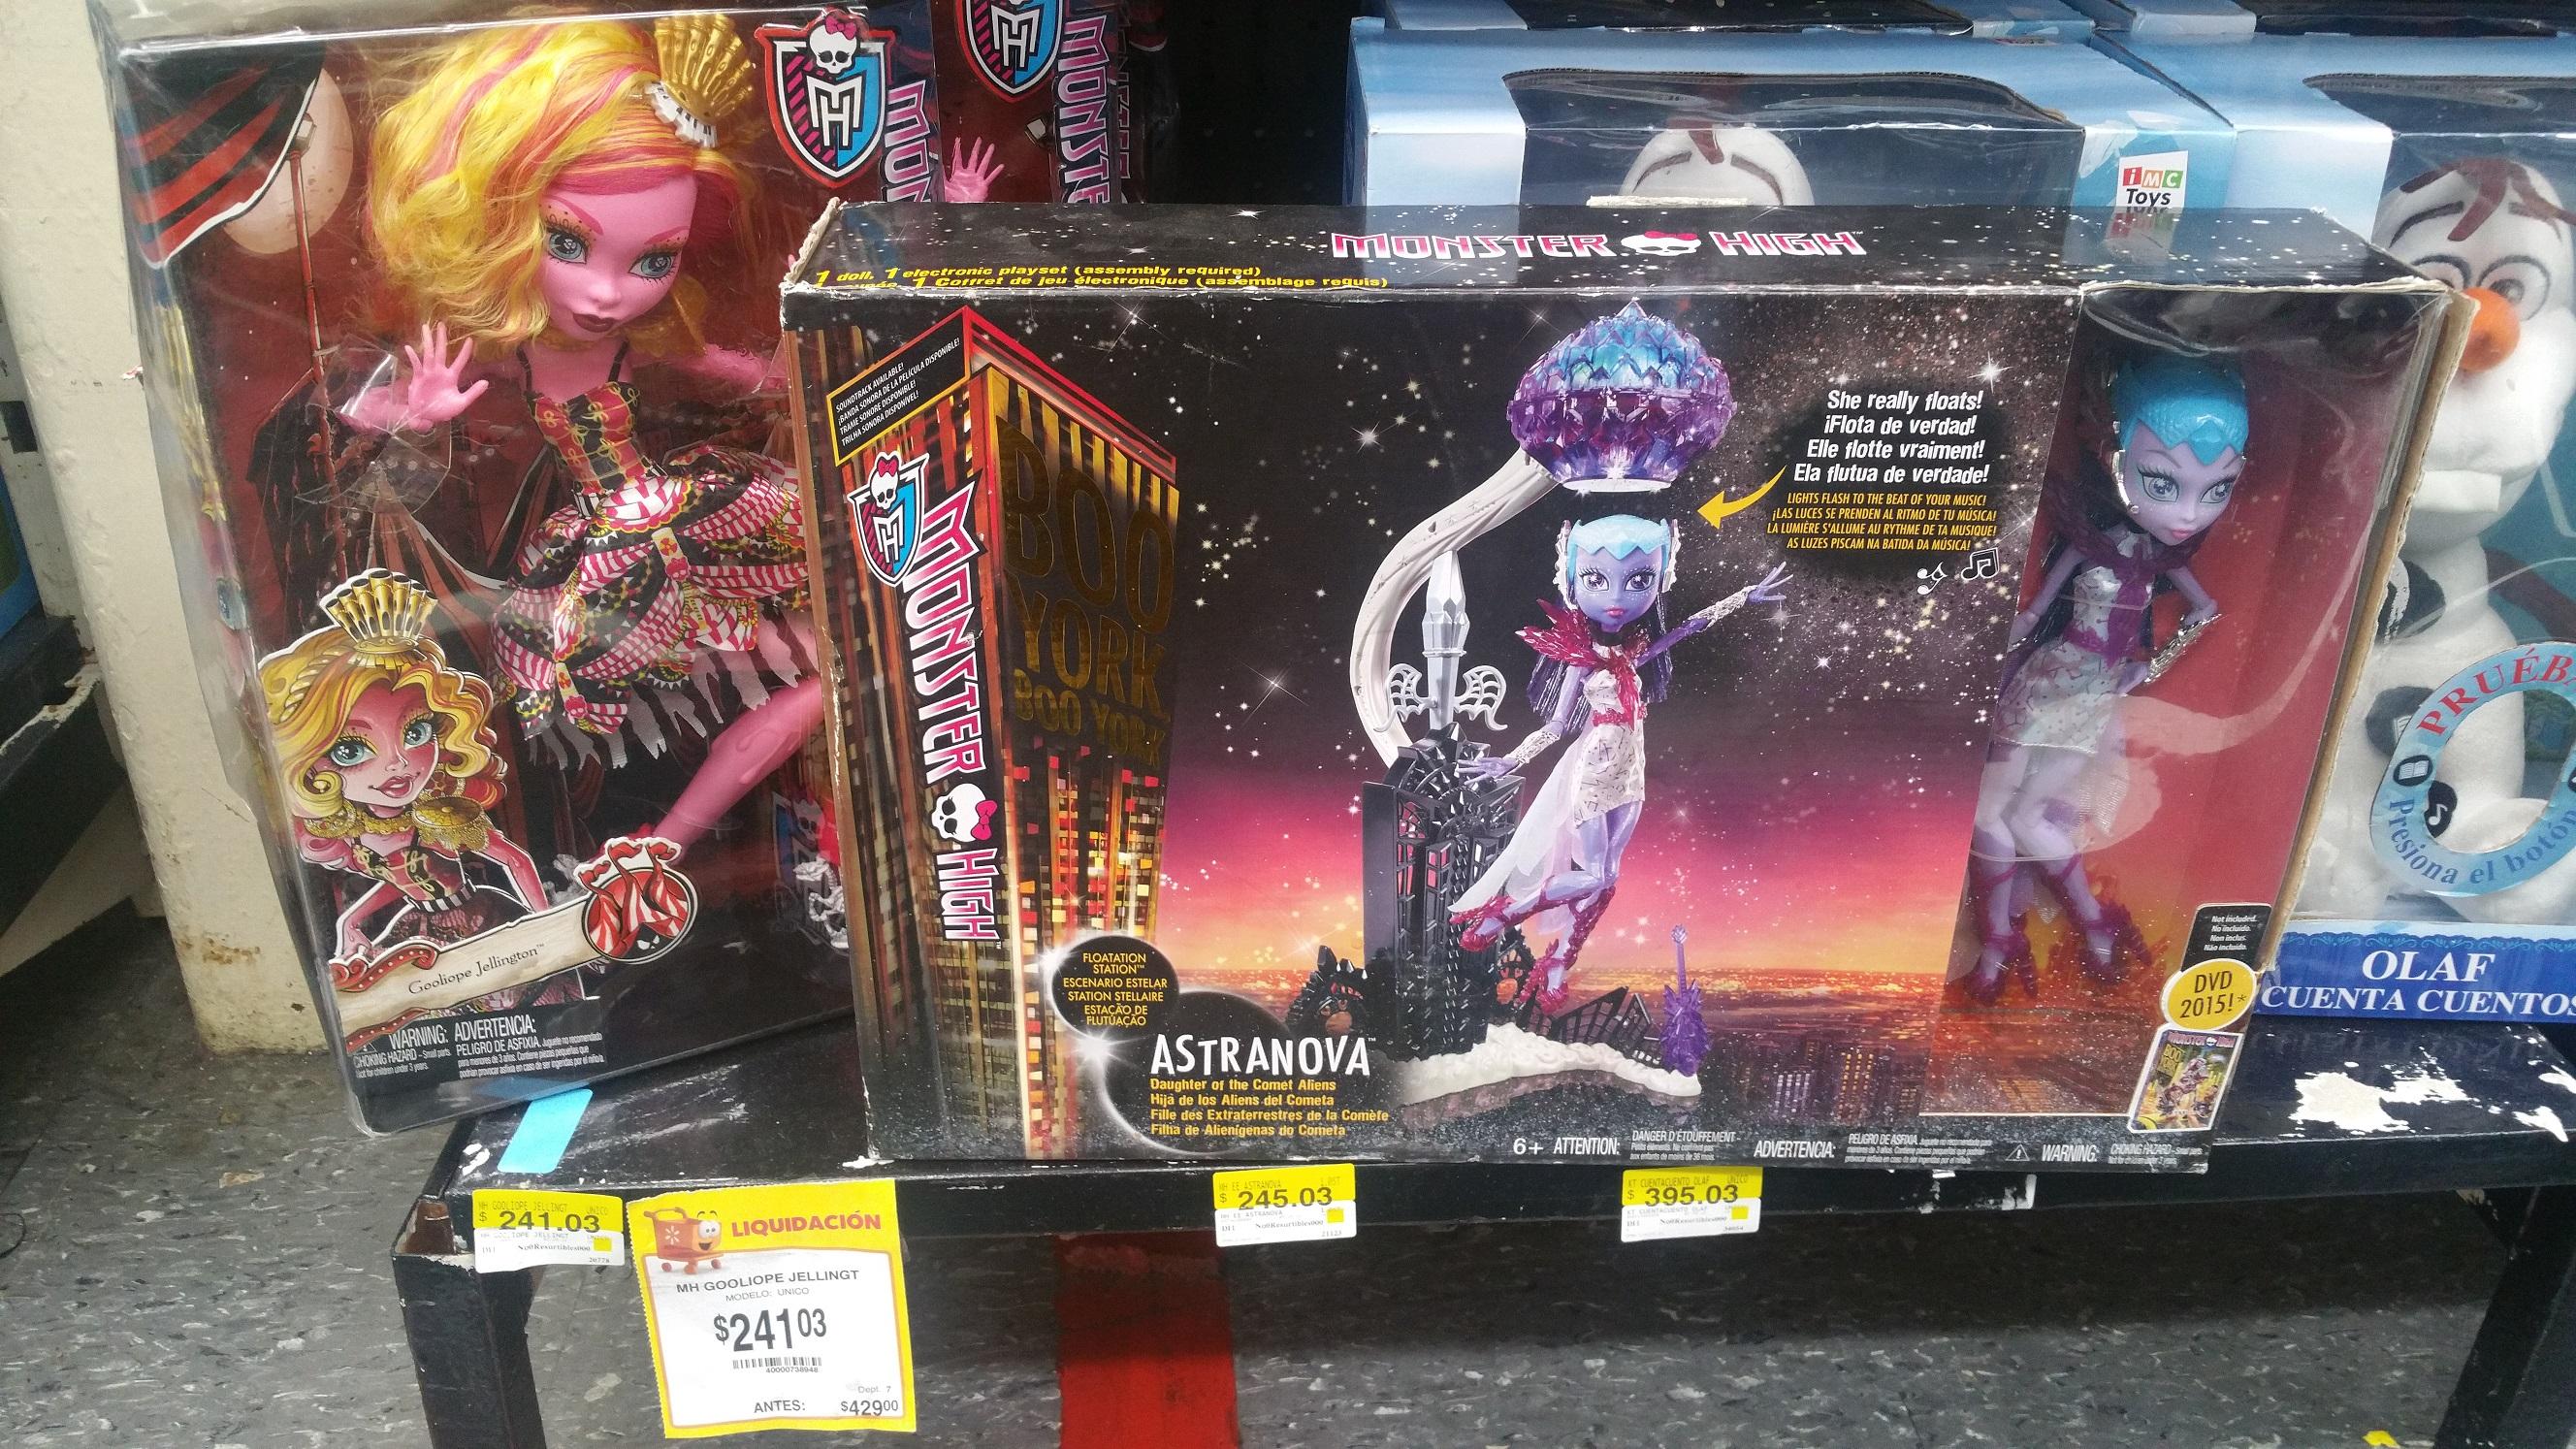 Walmart: Monster High Escenario Estelar Presentando A Astranova y otros juguetes